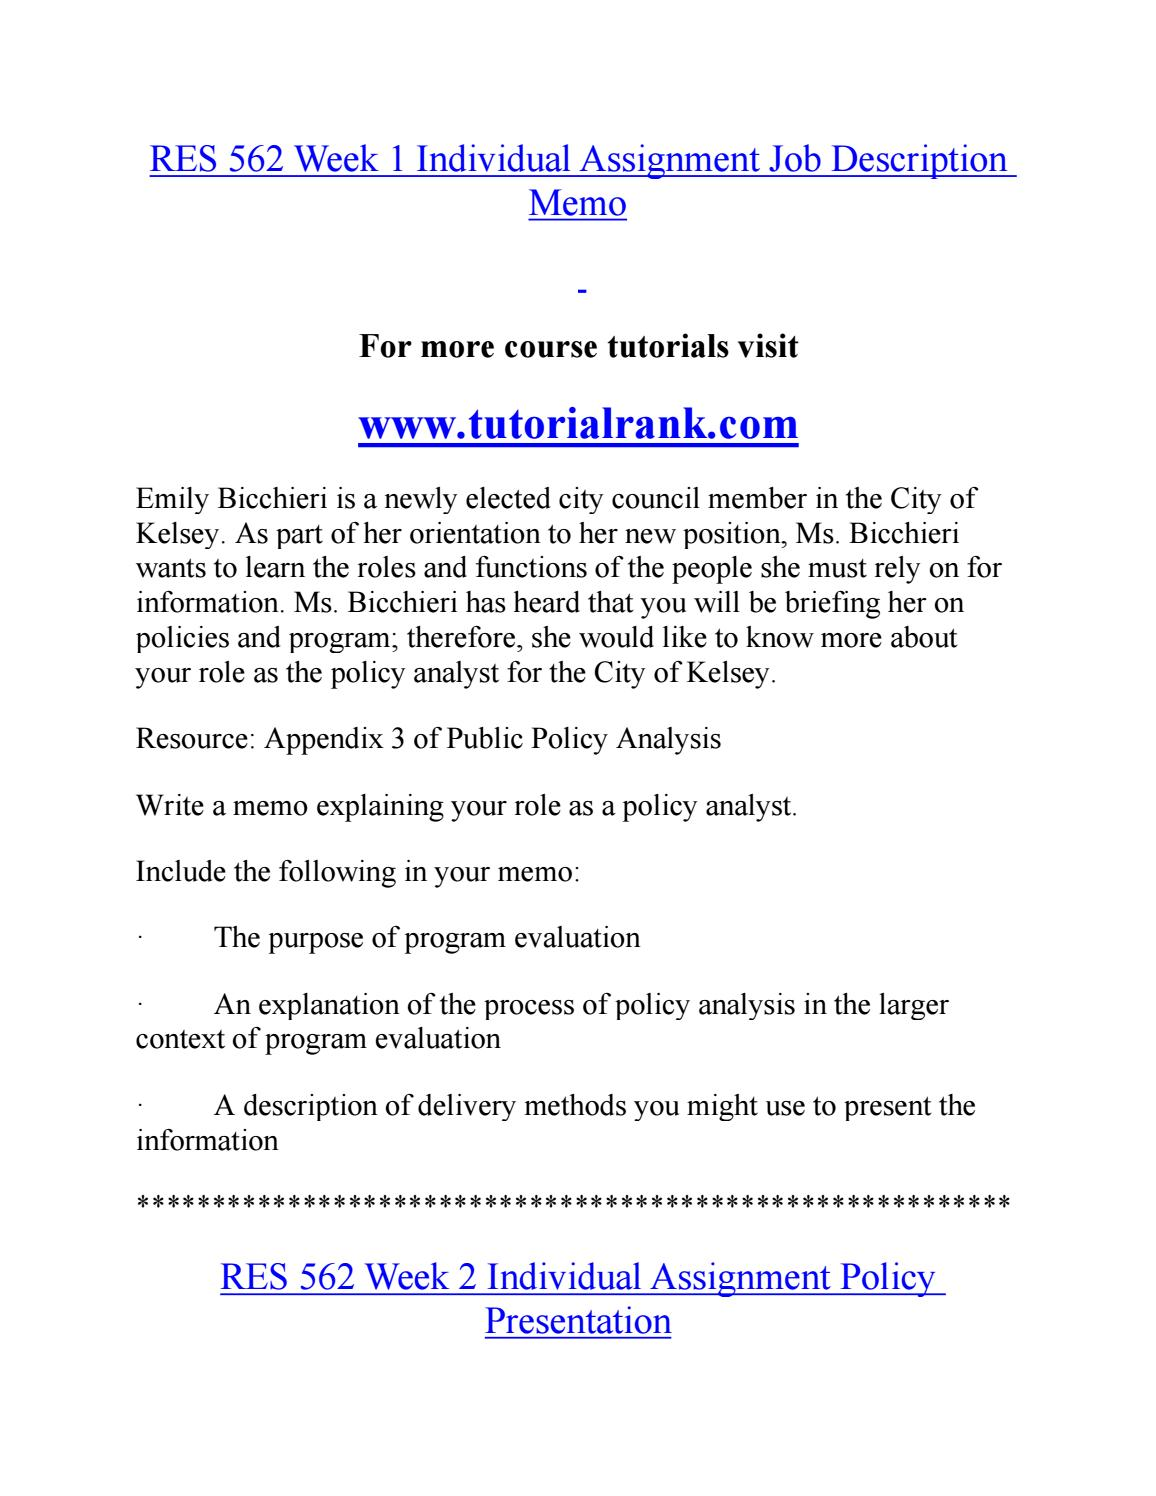 res562 week 3 essay